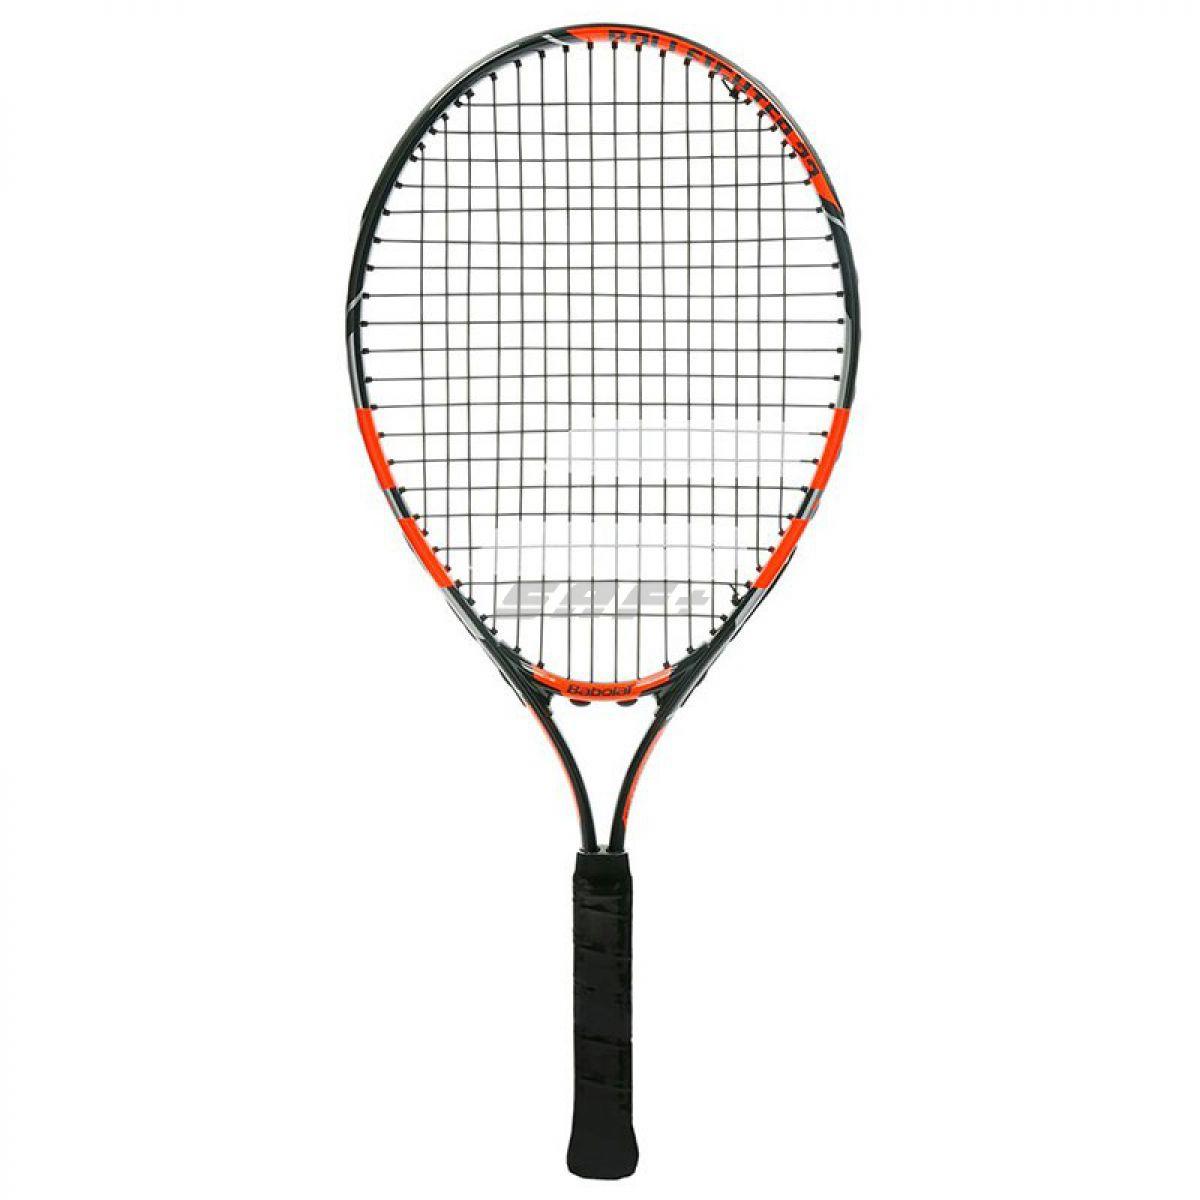 Ракетка теннисная BABOLAT Ballfighter 23